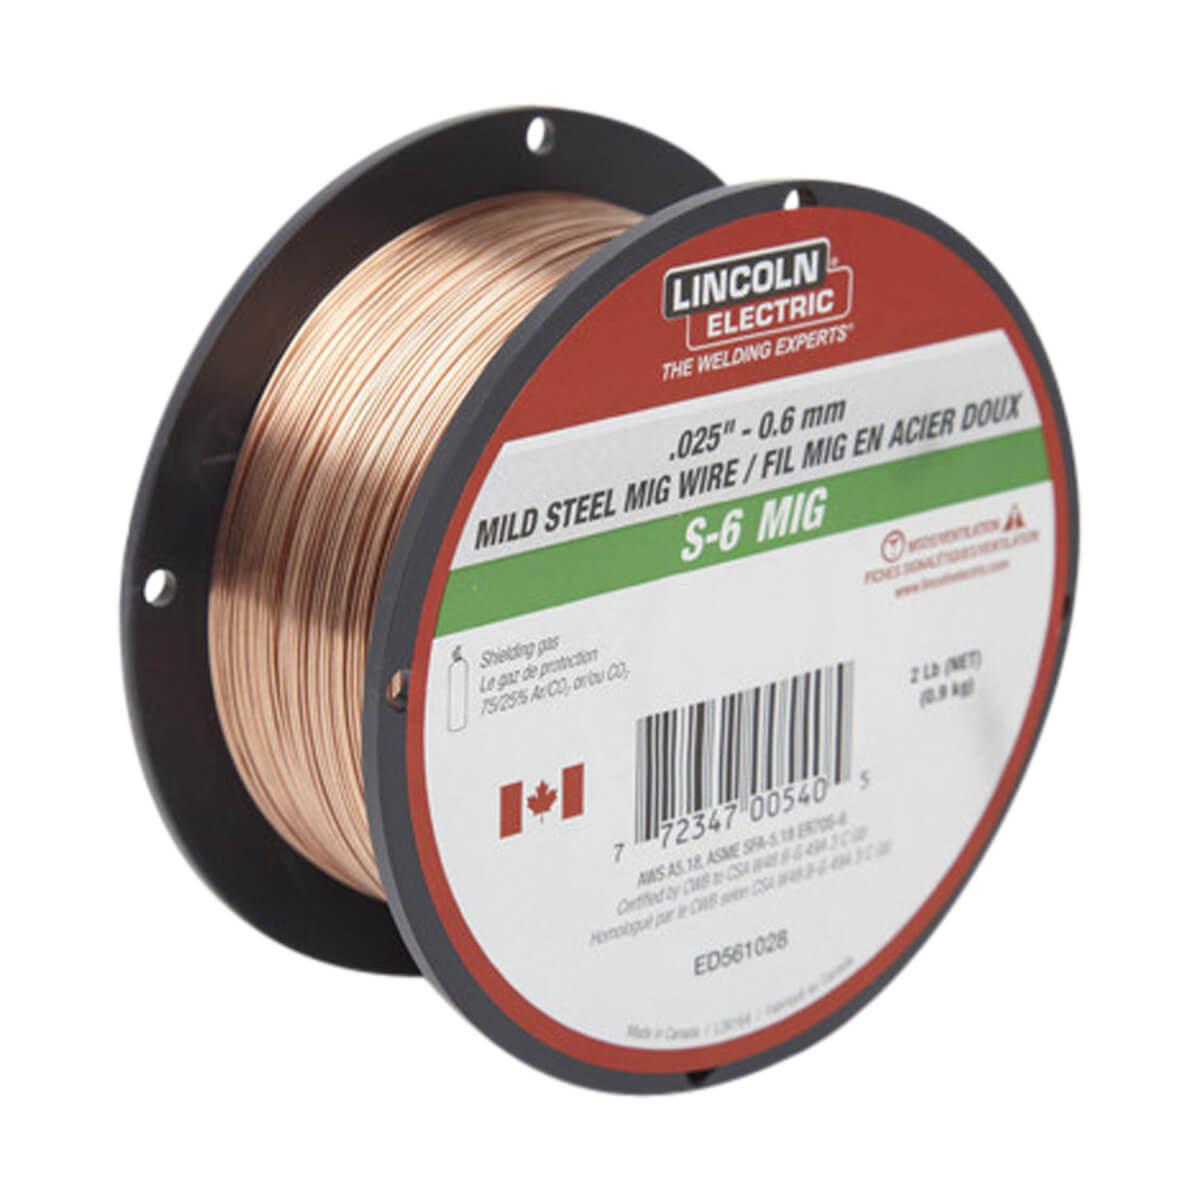 Lincoln Mig Wire S-6 - .025 2 lb ED561028